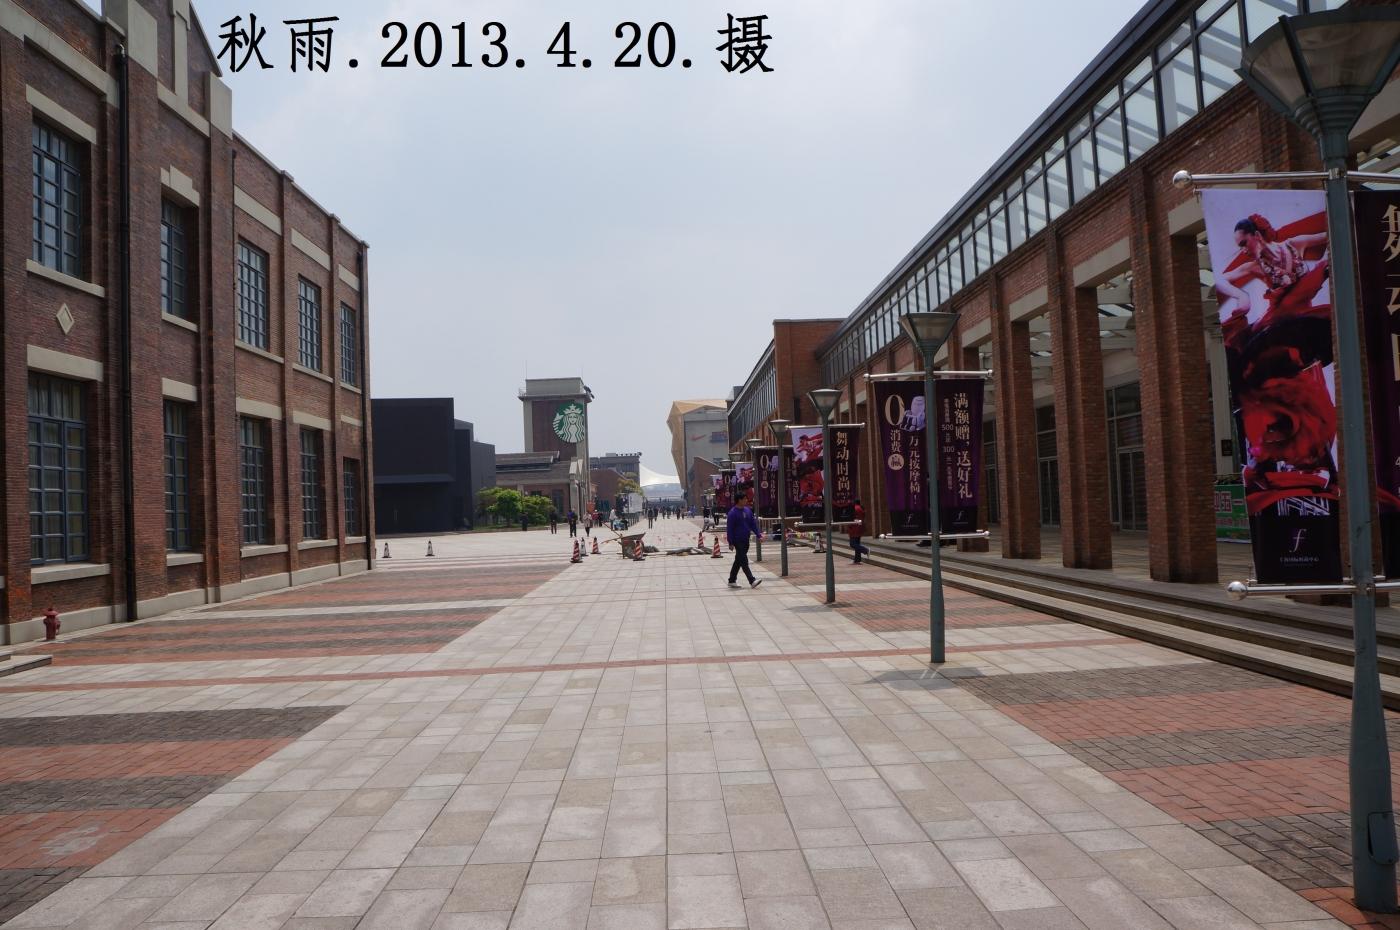 上海国际时尚中心,原国棉十七厂旧址(1),修旧如旧。摄影原创。 ..._图1-2